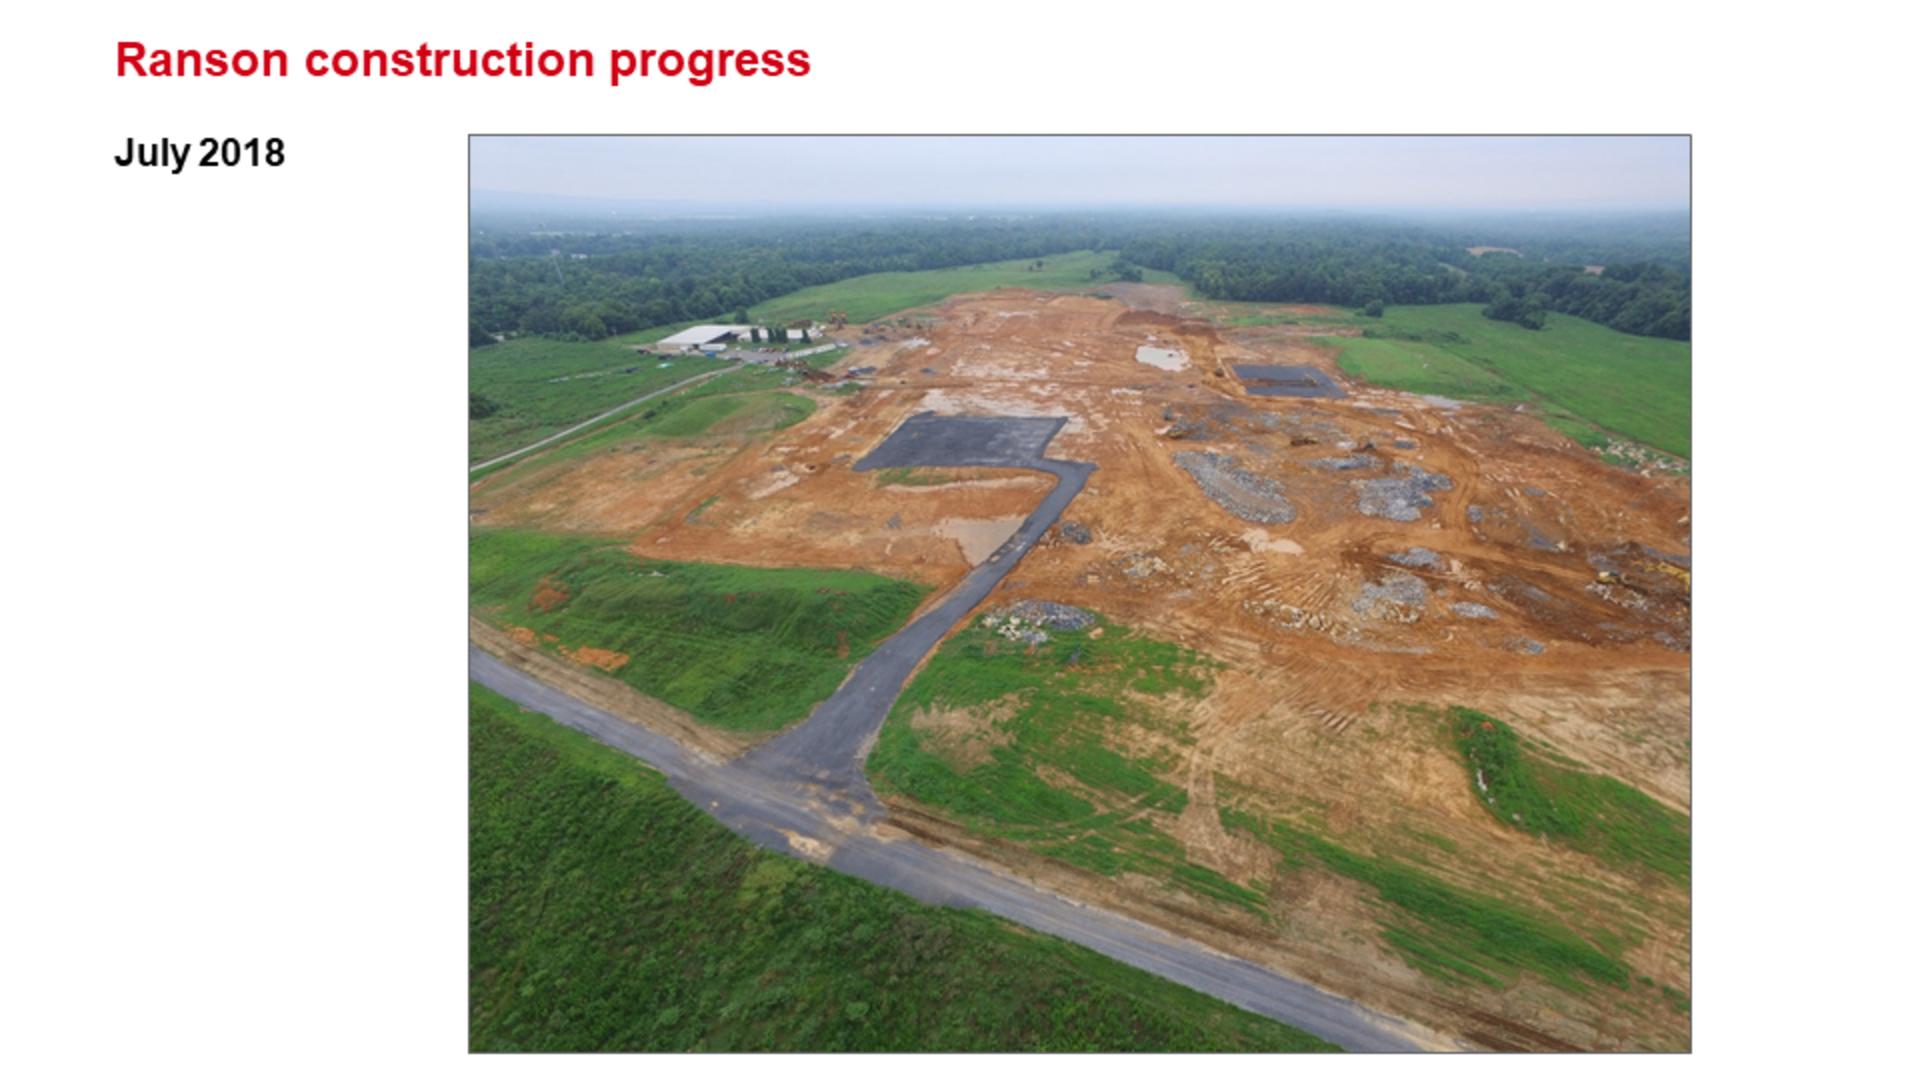 ROCKWOOL Ranson (Jefferson County) WV Construction Progress July 2018.